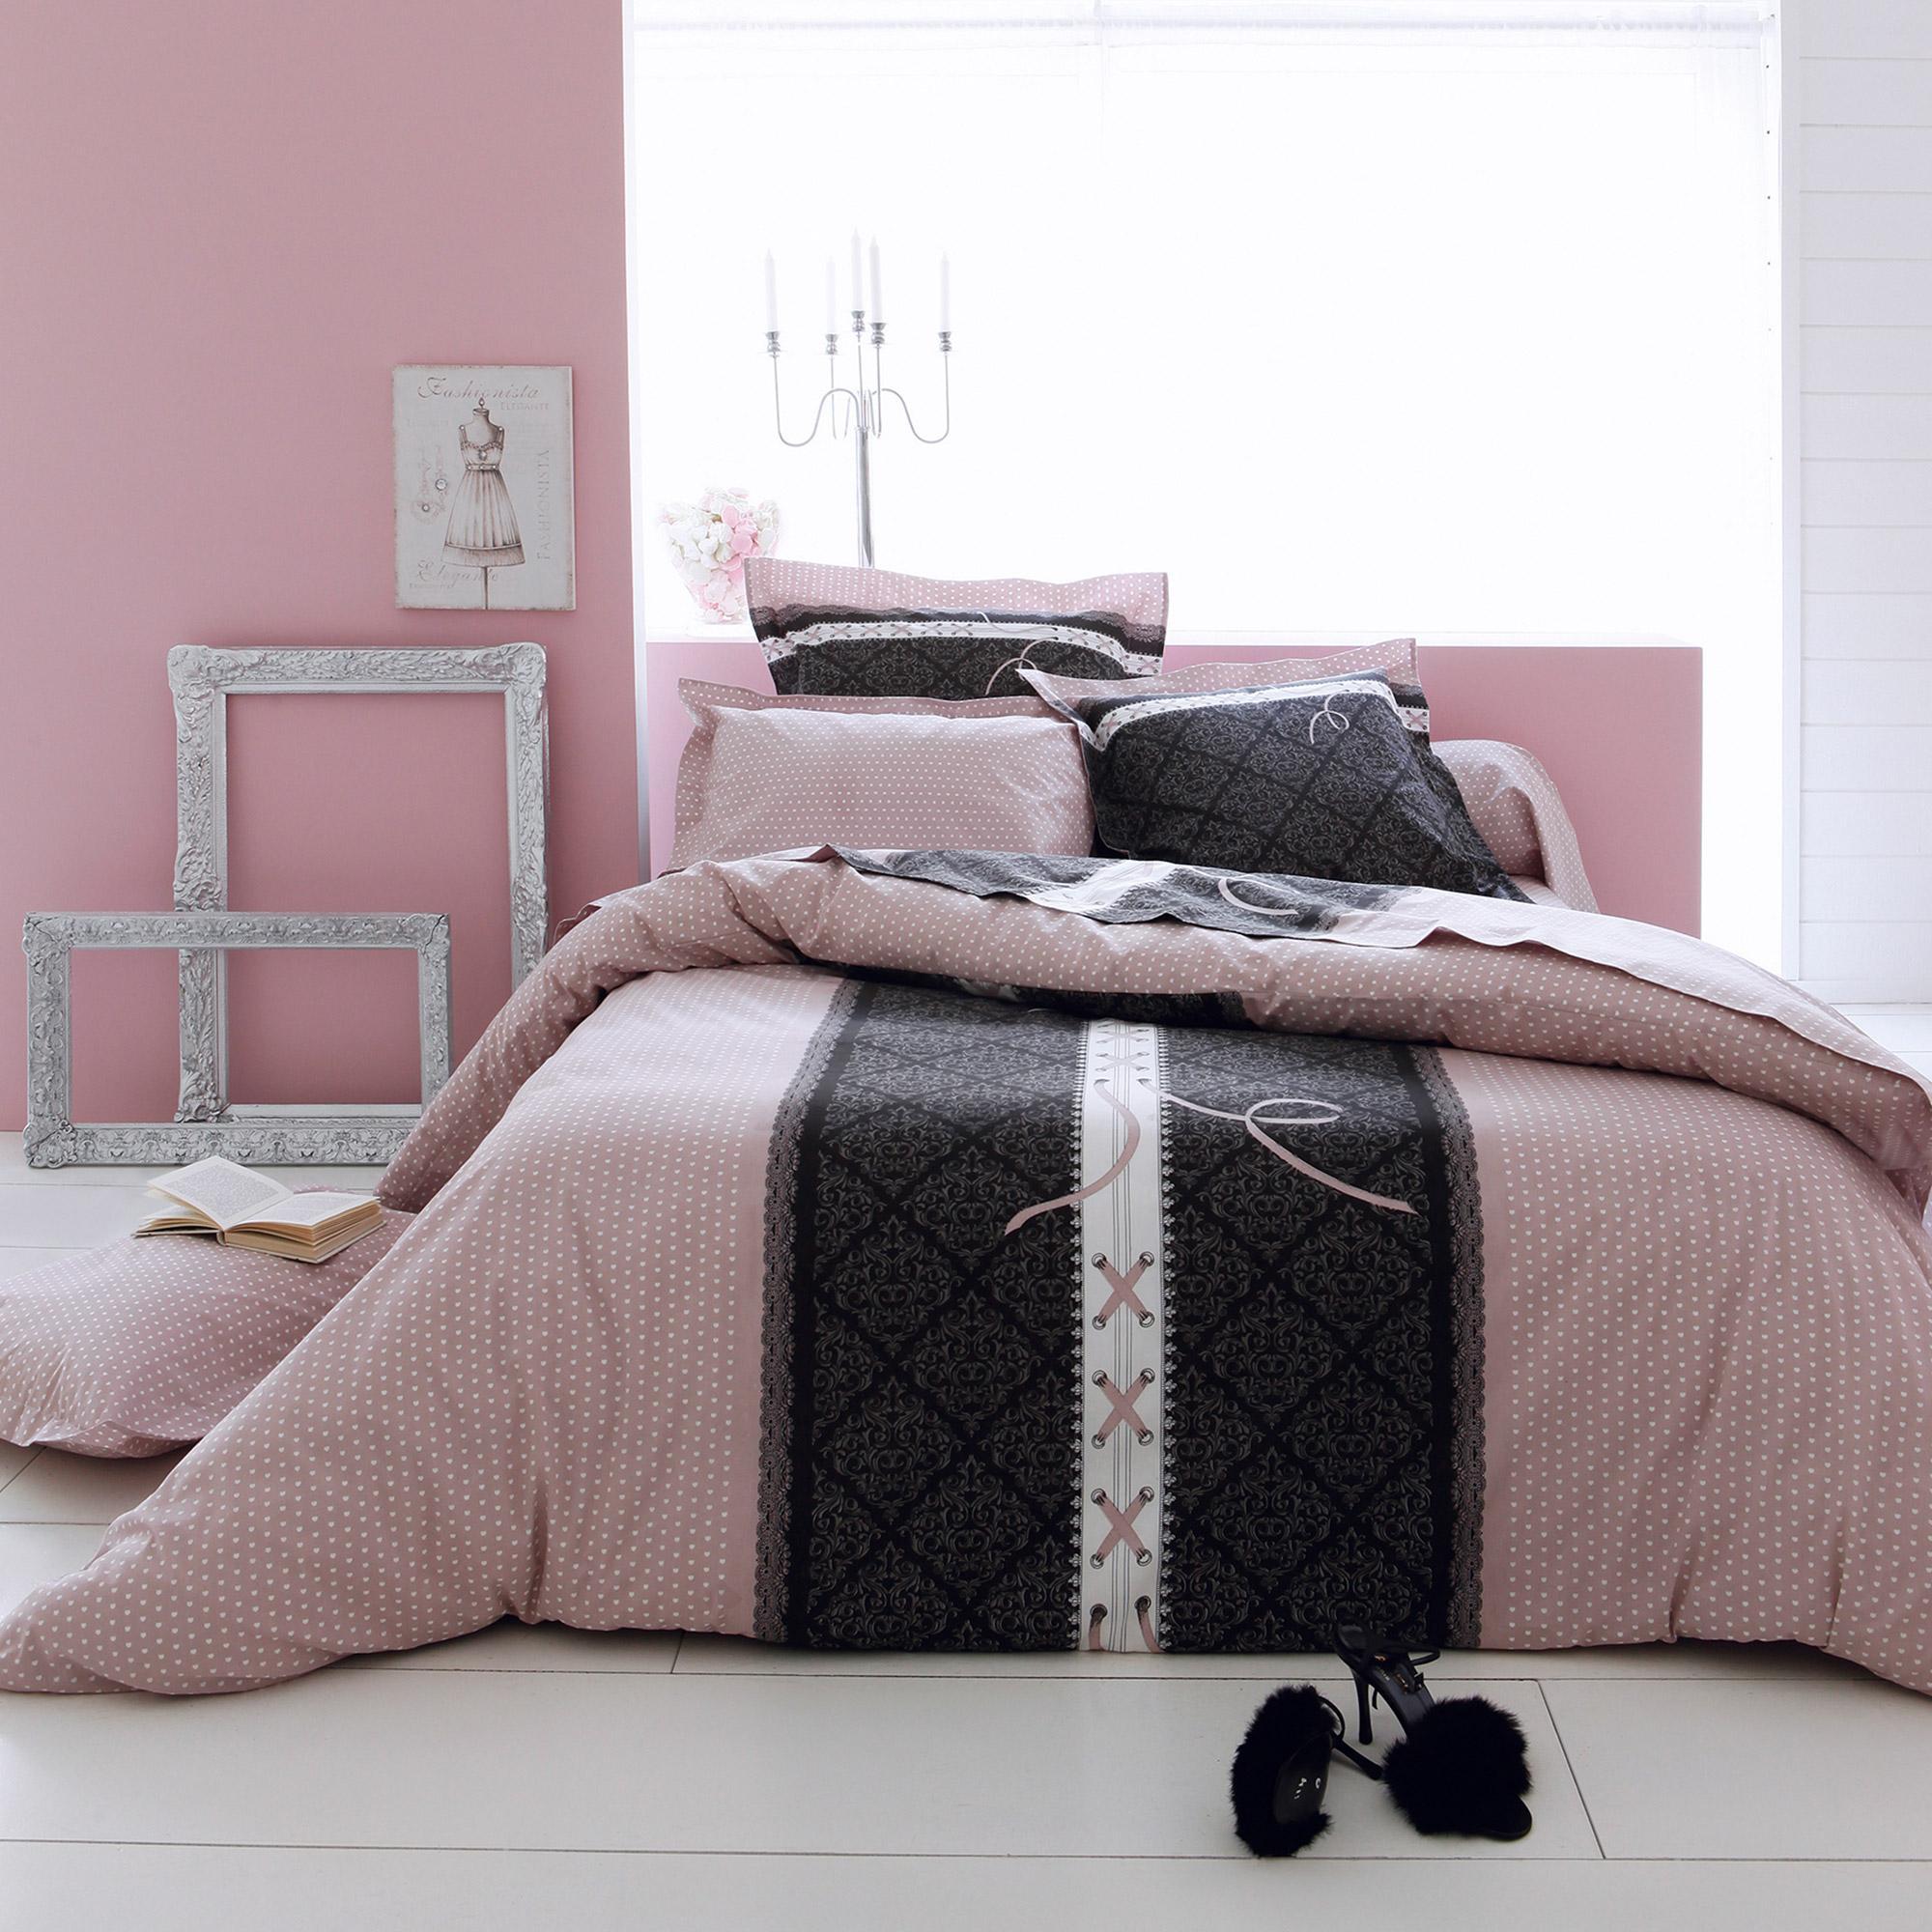 Parure De Lit 240x220 Cm 100 Coton Glamour Rose 3 Pièces Linnea